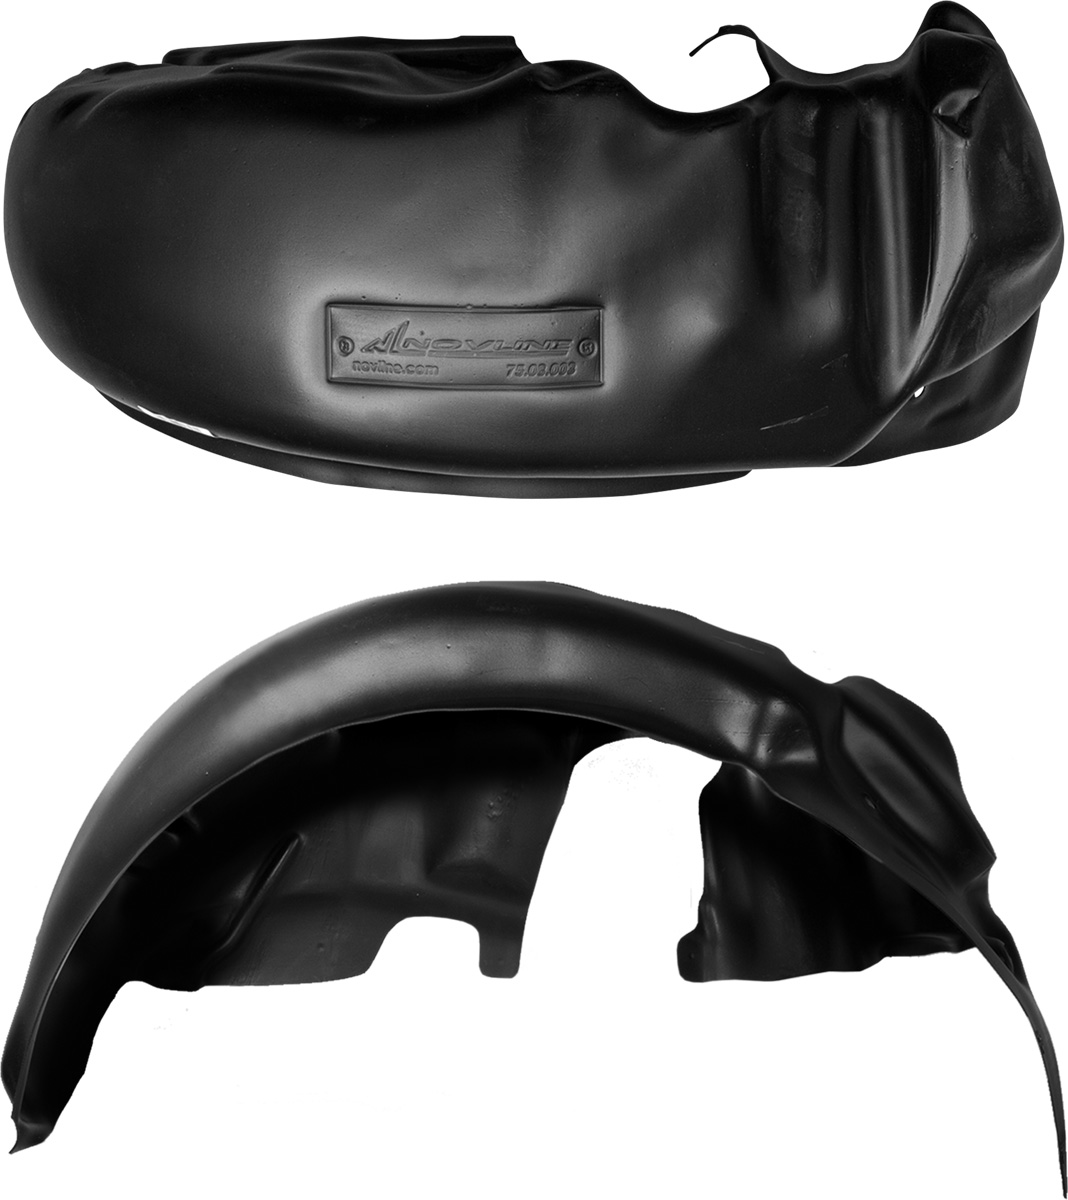 Подкрылок CHEVROLET NIVA 2009-2013, передний левыйNLL.52.17.001Колесные ниши – одни из самых уязвимых зон днища вашего автомобиля. Они постоянно подвергаются воздействию со стороны дороги. Лучшая, почти абсолютная защита для них - специально отформованные пластиковые кожухи, которые называются подкрылками, или локерами. Производятся они как для отечественных моделей автомобилей, так и для иномарок. Подкрылки выполнены из высококачественного, экологически чистого пластика. Обеспечивают надежную защиту кузова автомобиля от пескоструйного эффекта и негативного влияния, агрессивных антигололедных реагентов. Пластик обладает более низкой теплопроводностью, чем металл, поэтому в зимний период эксплуатации использование пластиковых подкрылков позволяет лучше защитить колесные ниши от налипания снега и образования наледи. Оригинальность конструкции подчеркивает элегантность автомобиля, бережно защищает нанесенное на днище кузова антикоррозийное покрытие и позволяет осуществить крепление подкрылков внутри колесной арки практически без дополнительного крепежа и сверления, не нарушая при этом лакокрасочного покрытия, что предотвращает возникновение новых очагов коррозии. Технология крепления подкрылков на иномарки принципиально отличается от крепления на российские автомобили и разрабатывается индивидуально для каждой модели автомобиля. Подкрылки долговечны, обладают высокой прочностью и сохраняют заданную форму, а также все свои физико-механические характеристики в самых тяжелых климатических условиях ( от -50° С до + 50° С).